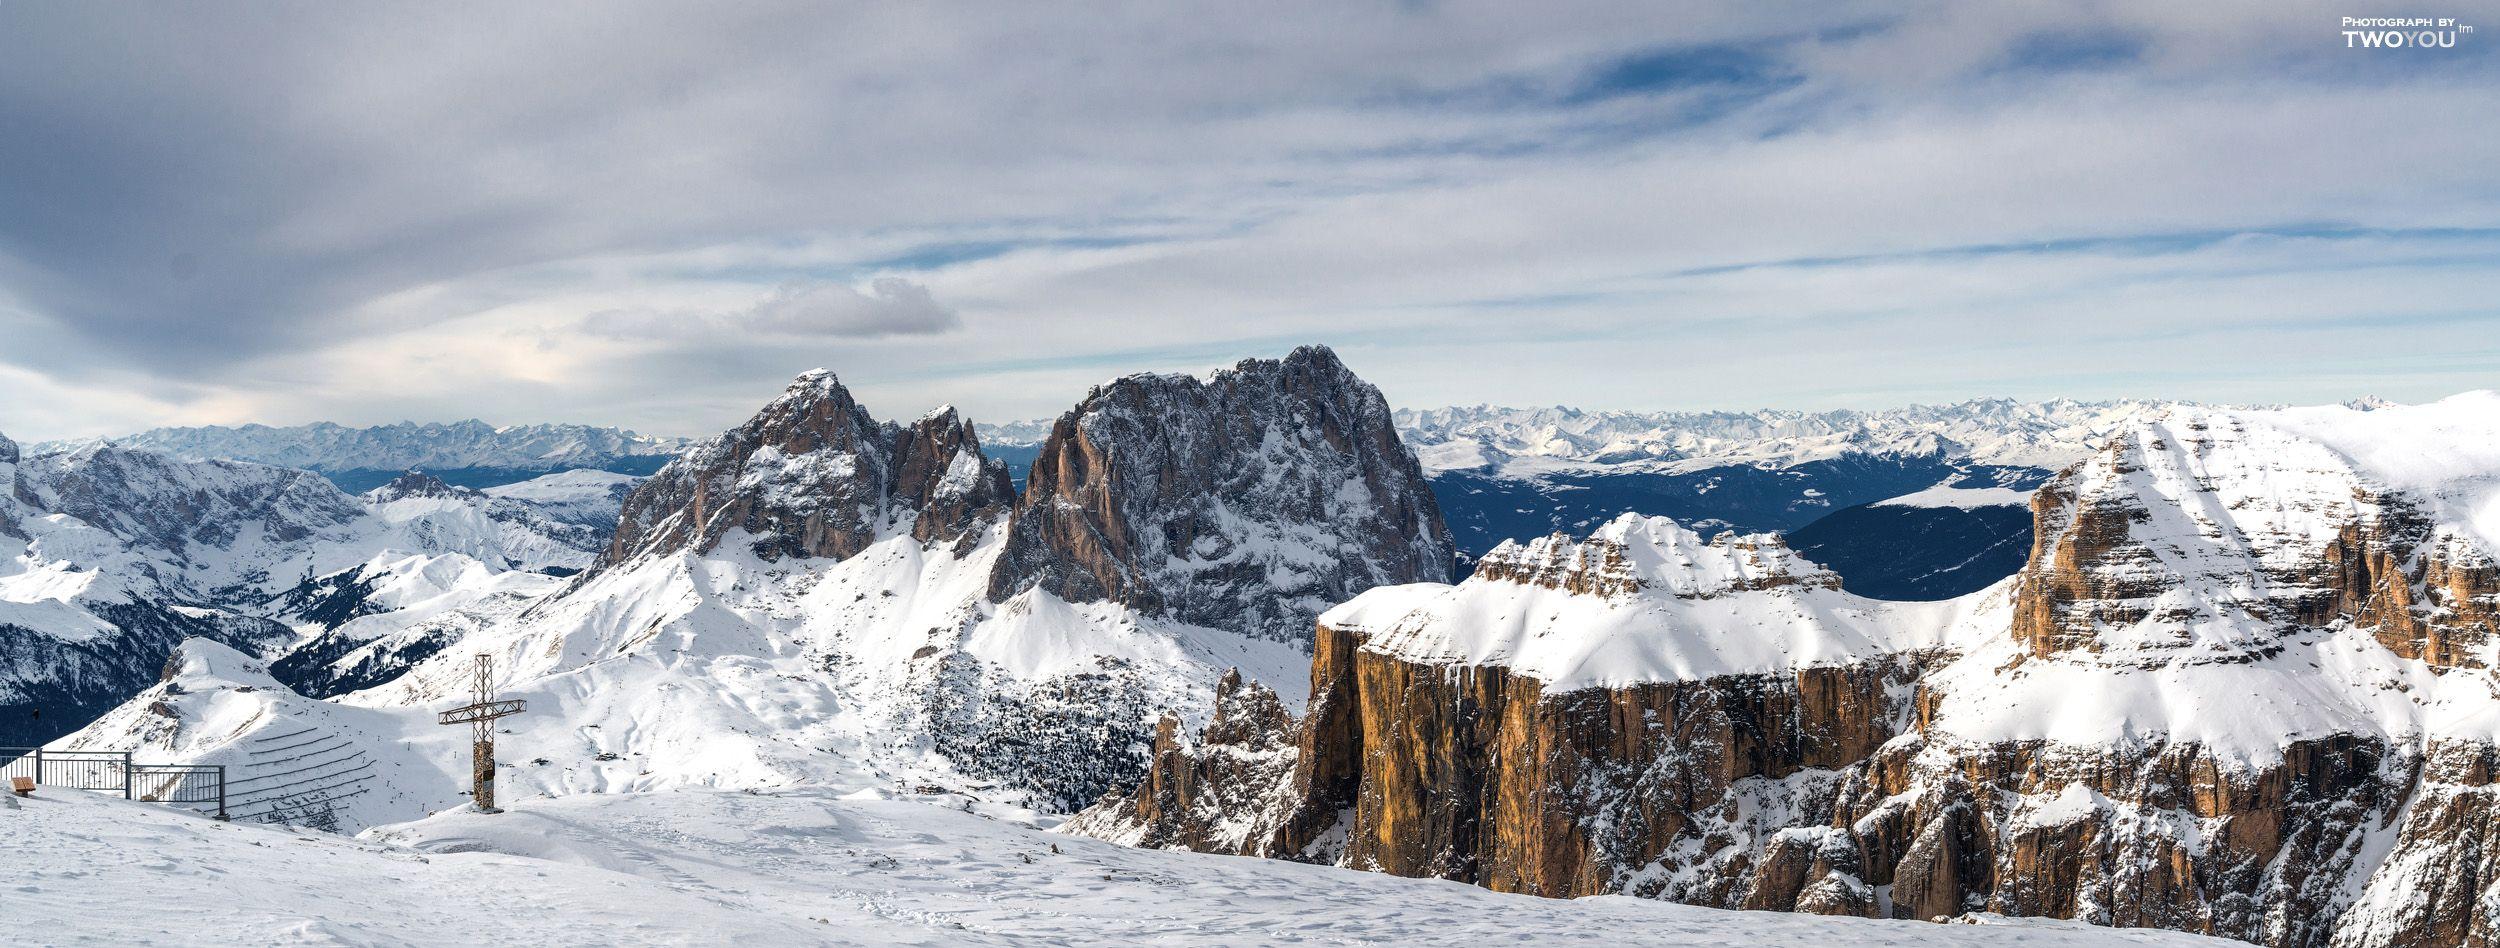 Панорама дня: Доломитовые Альпы, часть 12.